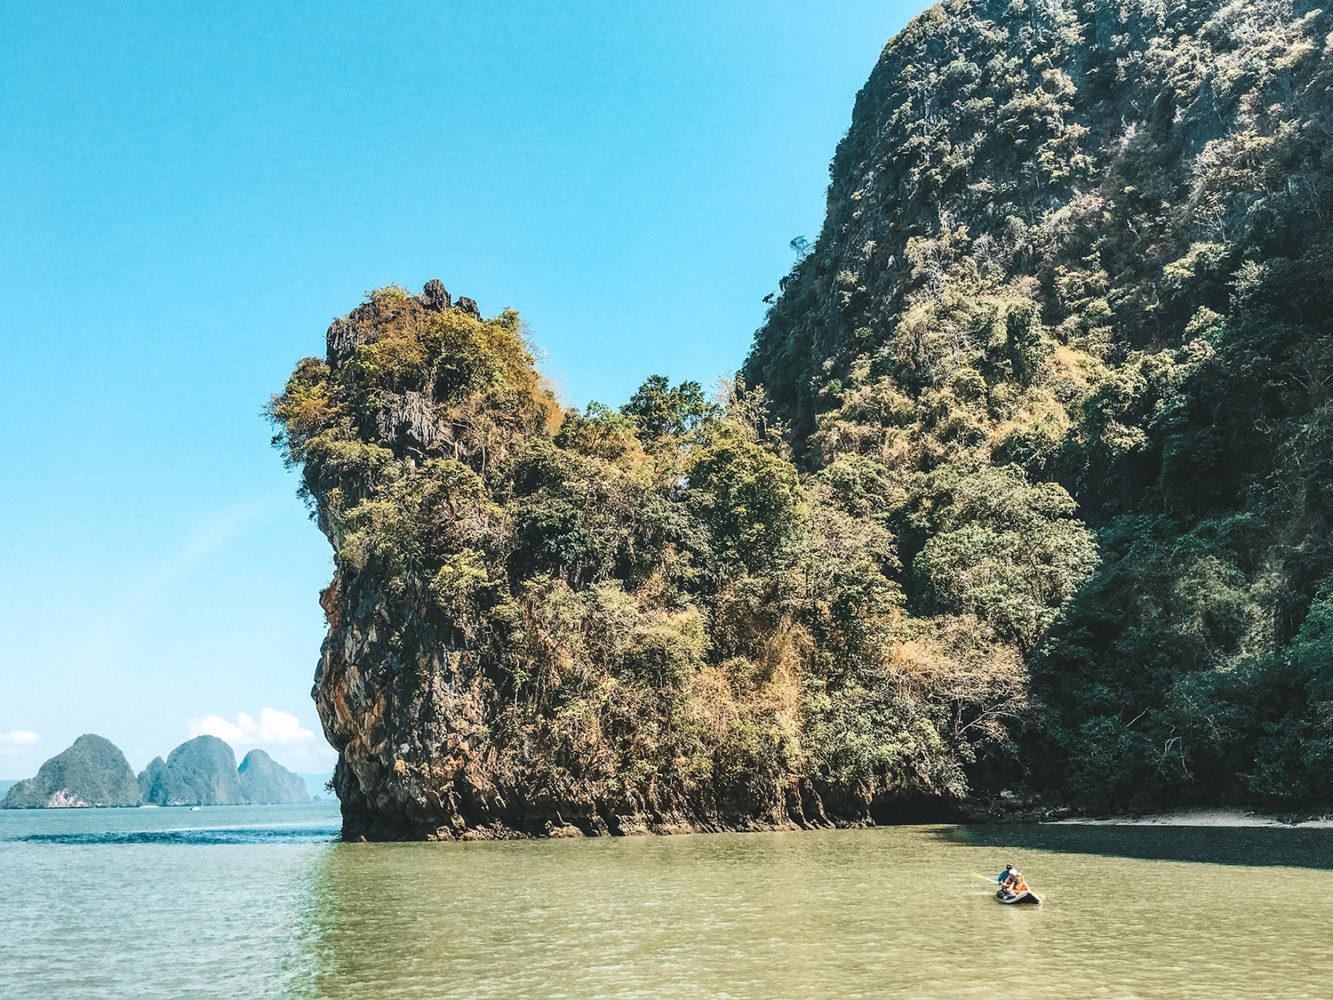 L'île de Koh Panak